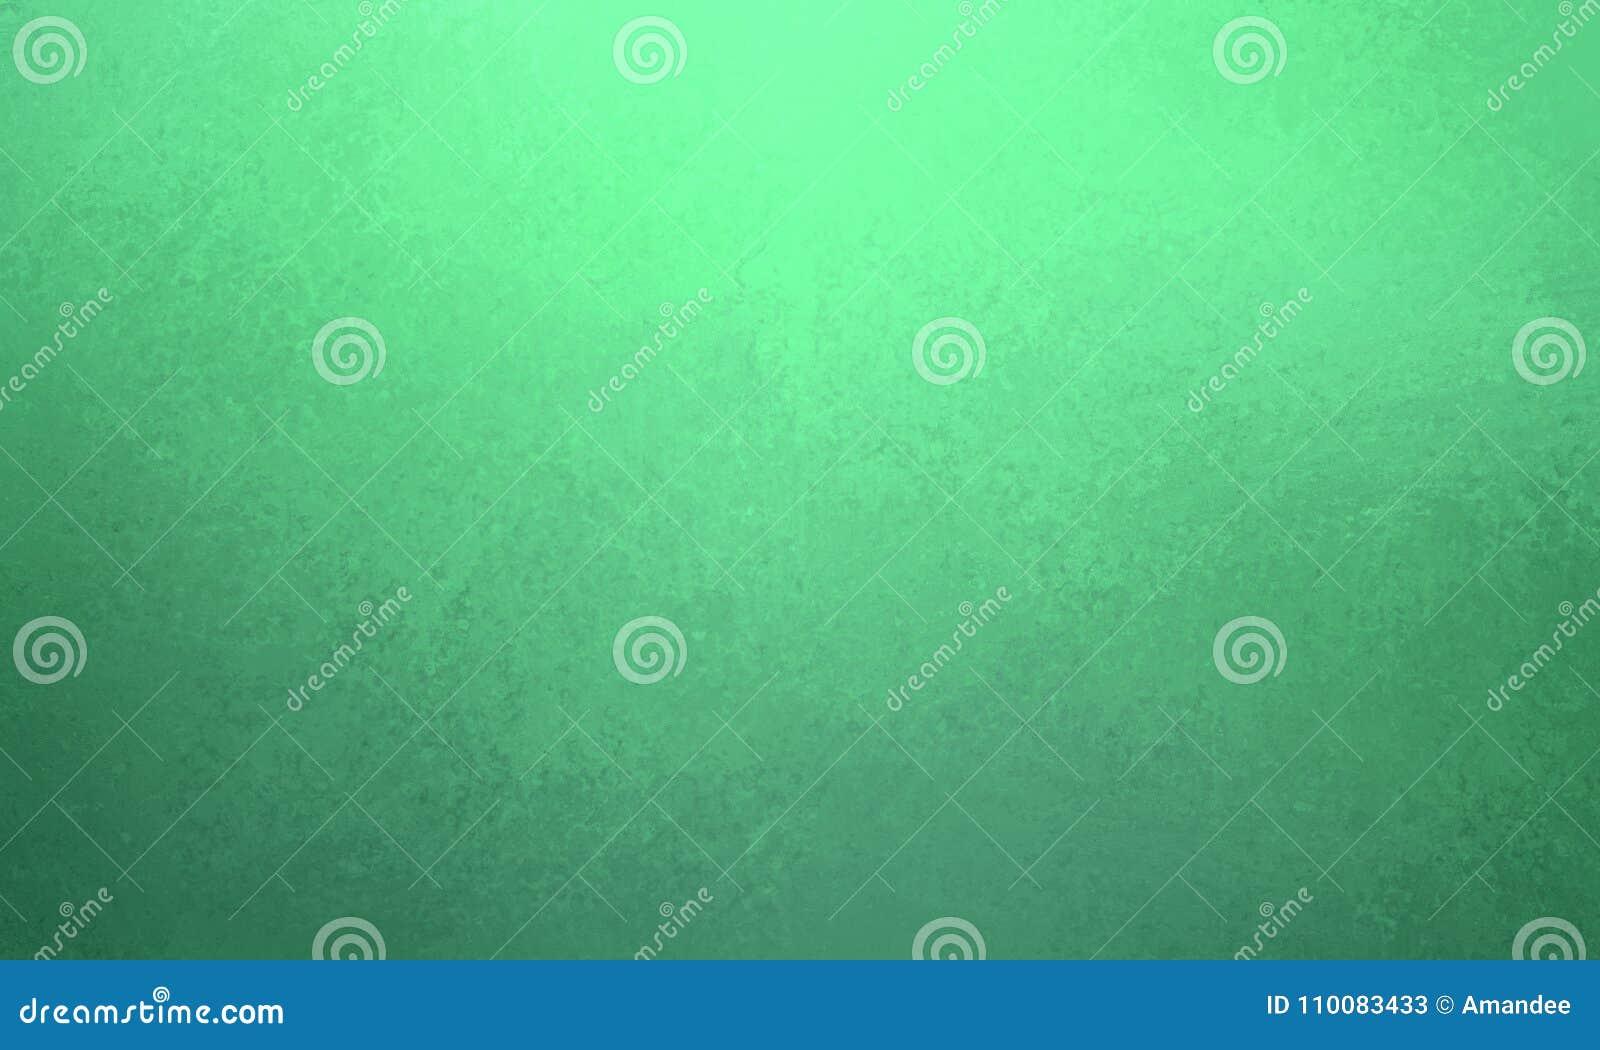 Зеленый дизайн предпосылки с синей серой текстурой границы и года сбора винограда, цветом сини градиента